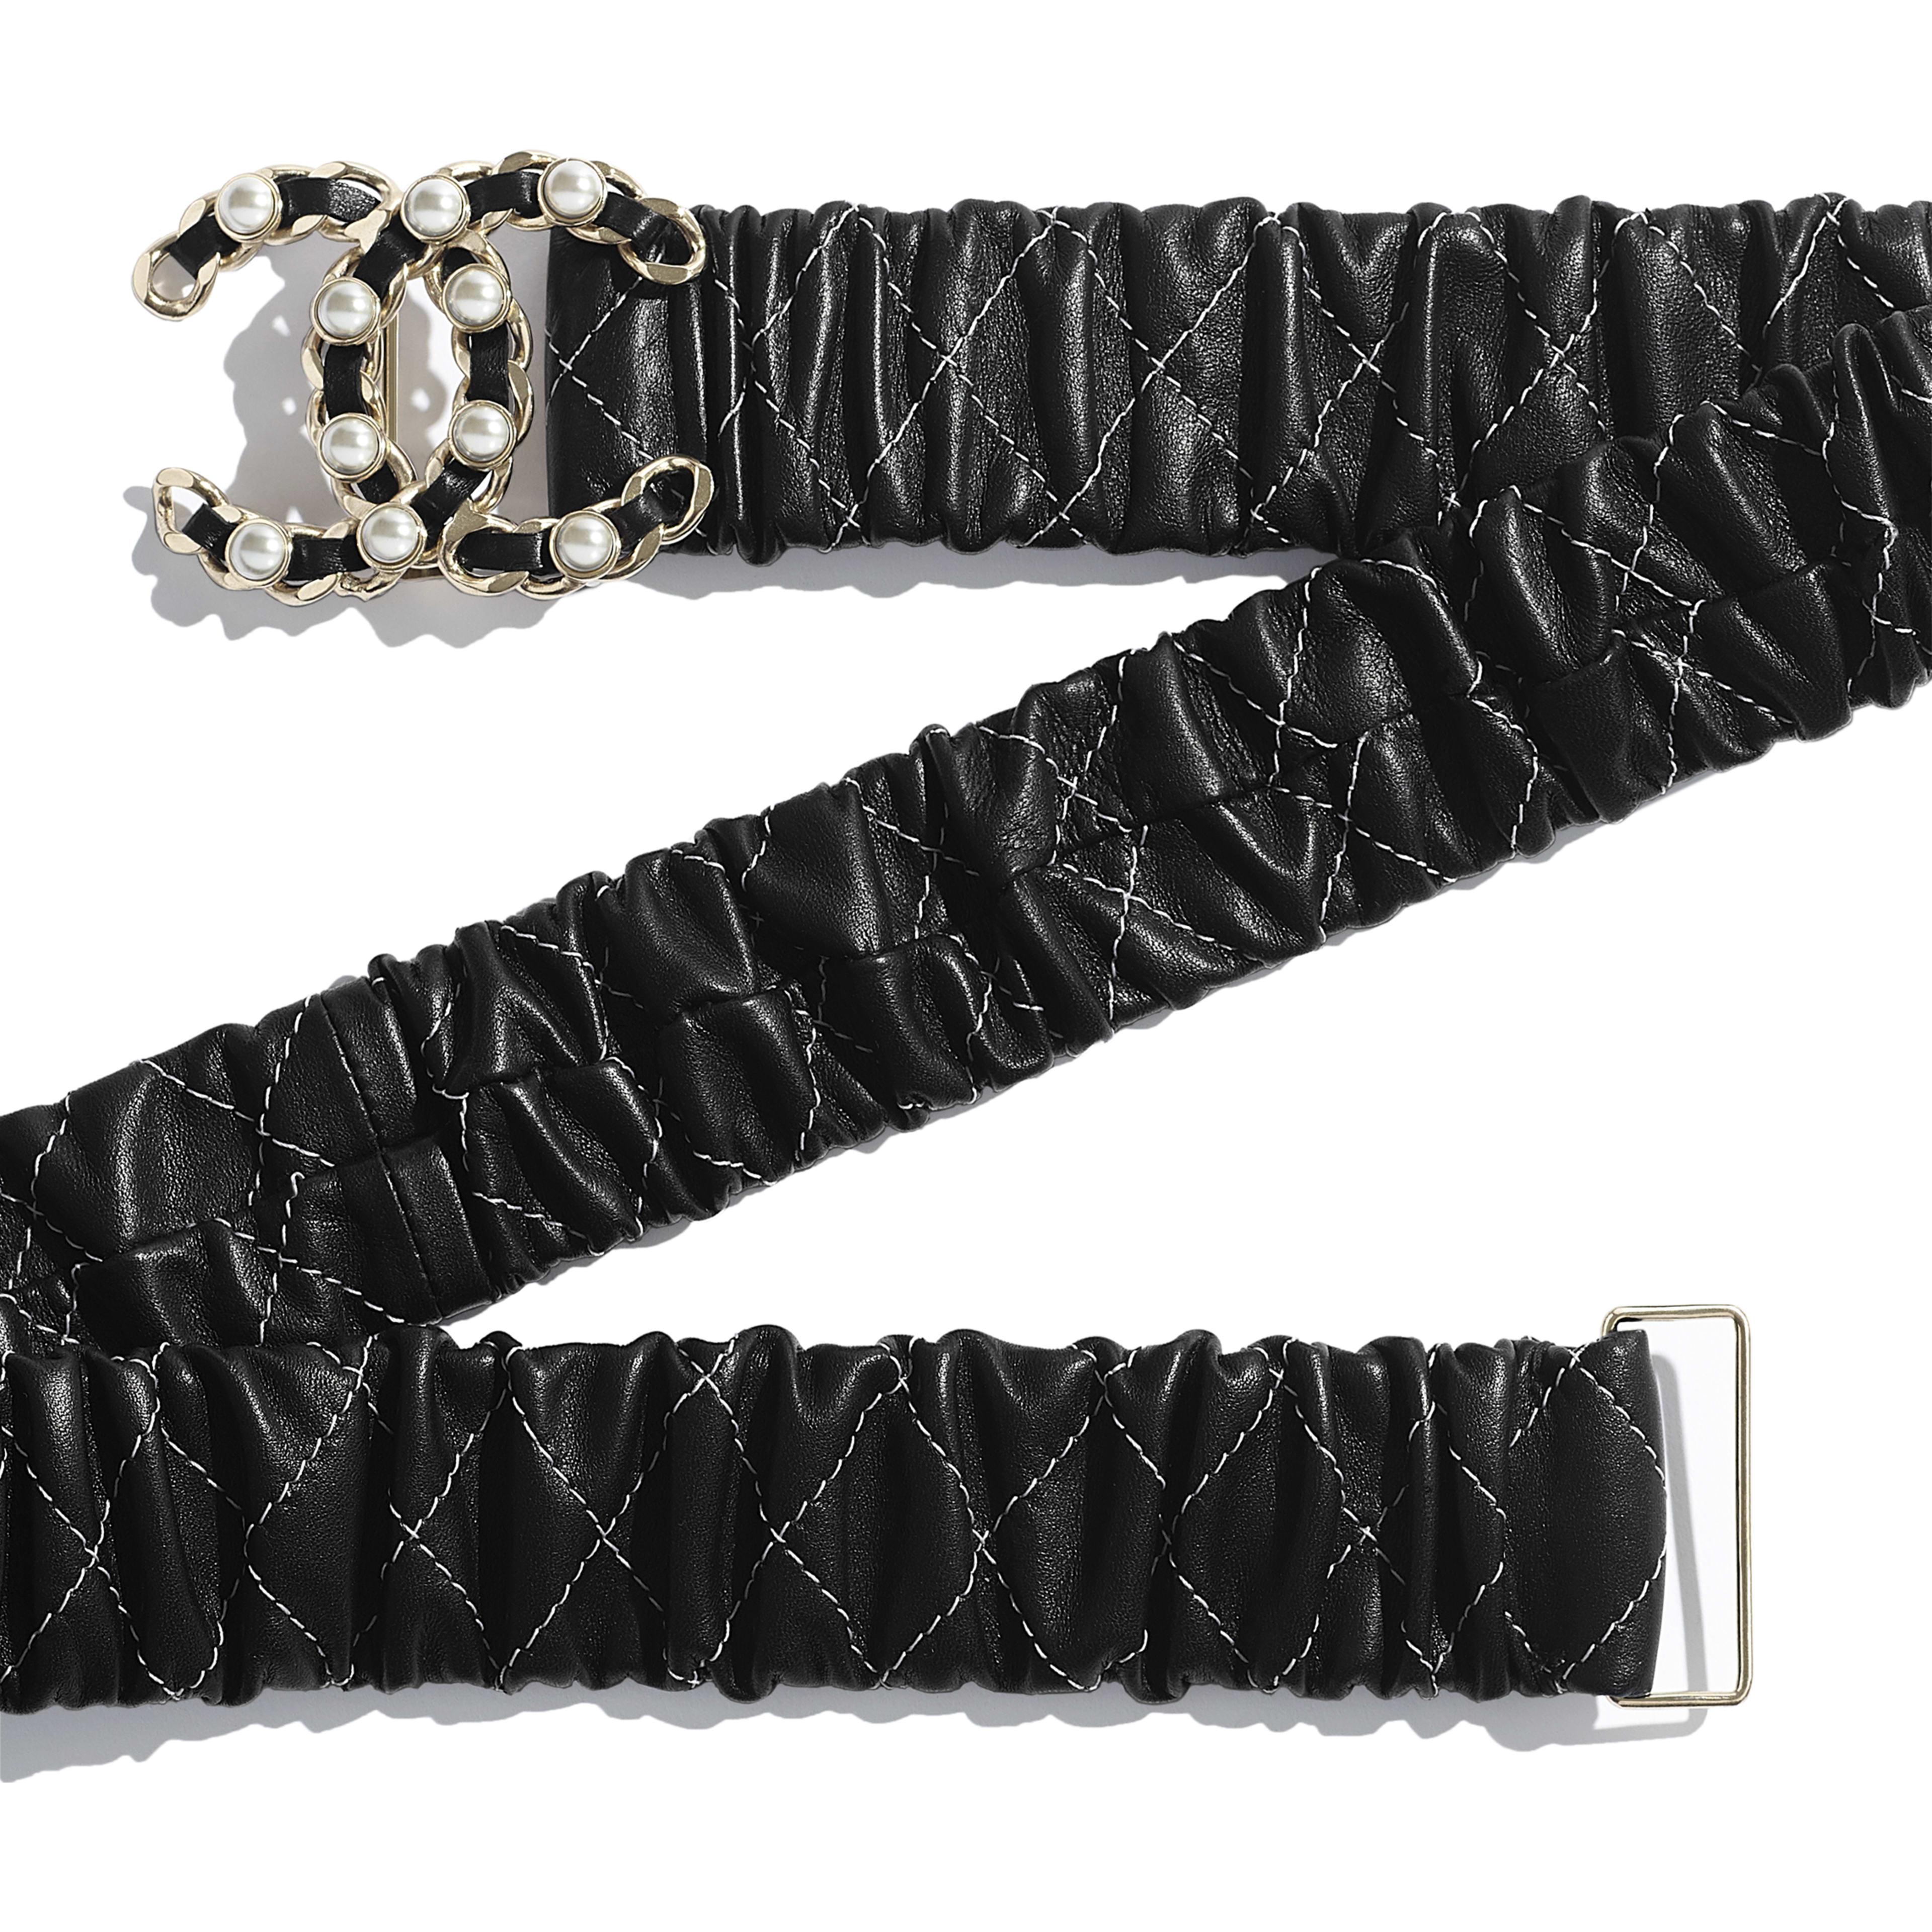 Belt - Black - Lambskin, Gold-Tone Metal & Glass Pearls - Alternative view - see full sized version